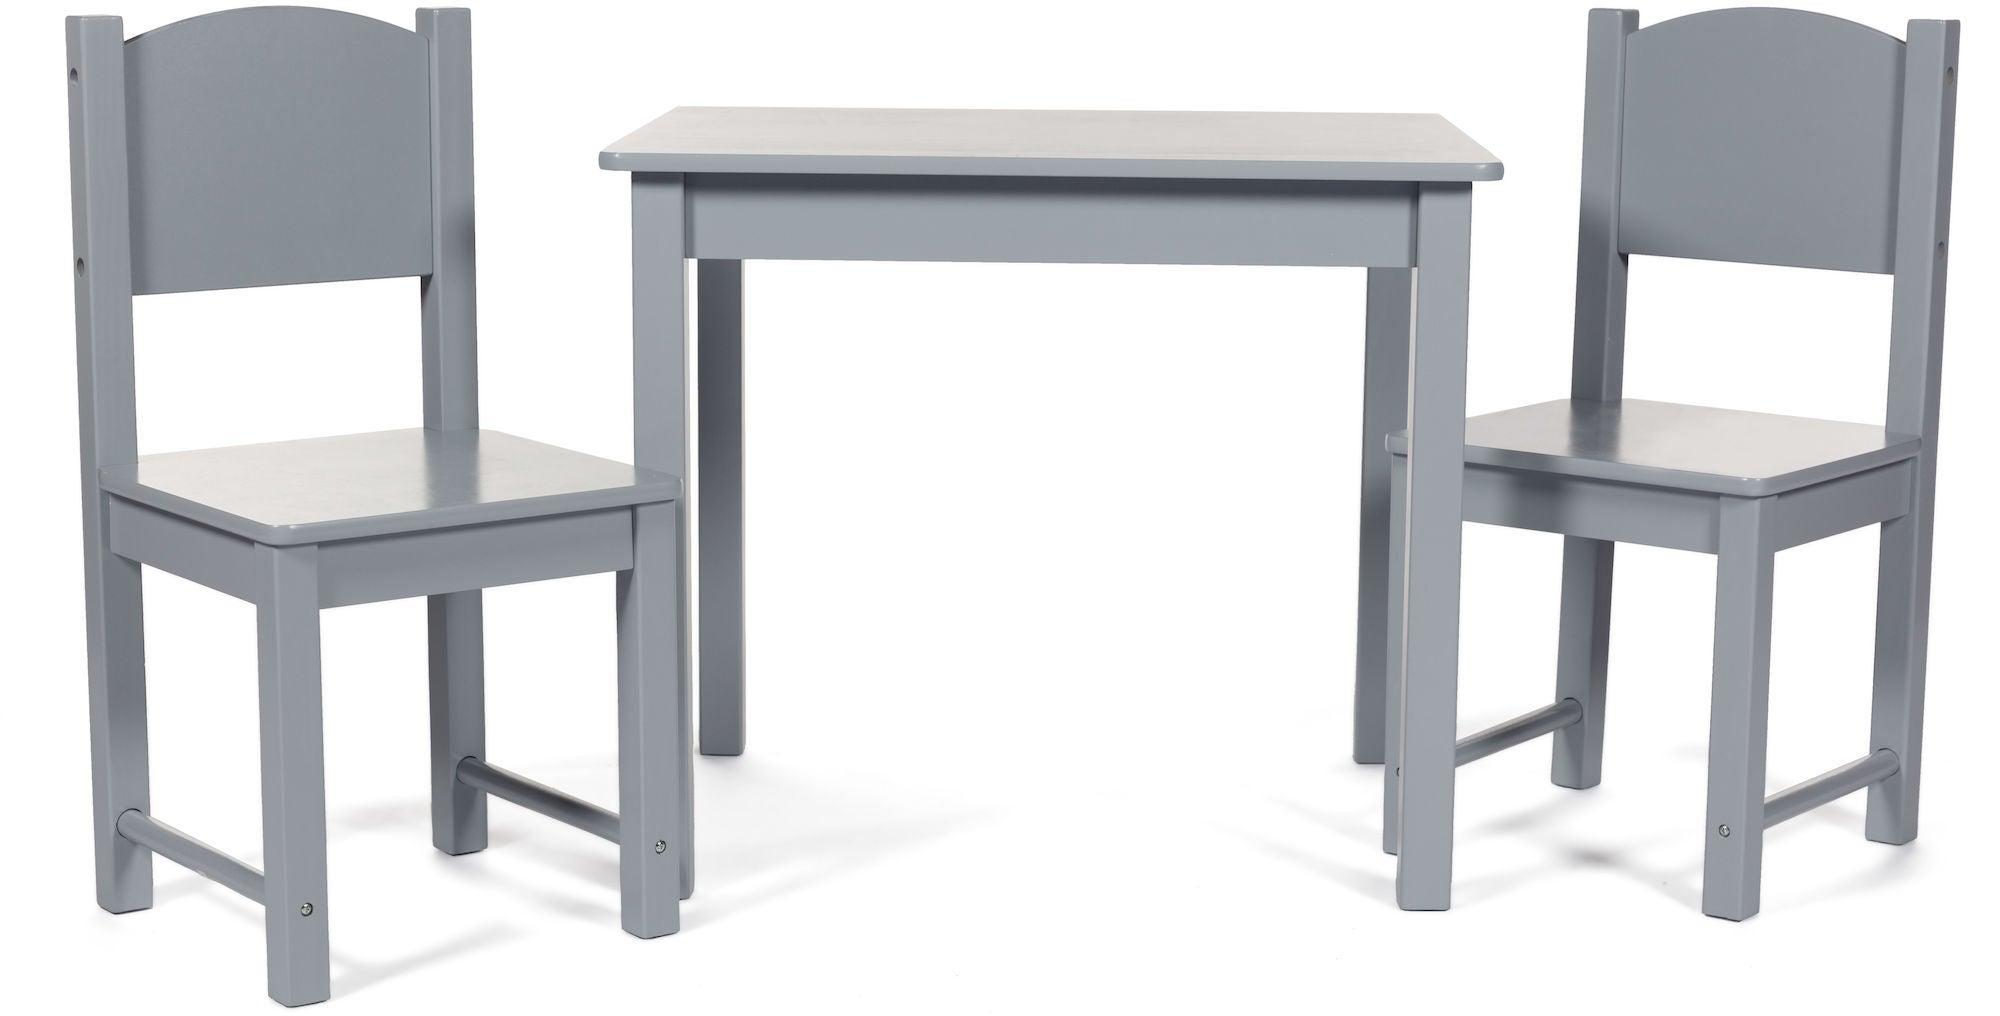 Woodlii Pöytä ja Tuolit, Harmaa